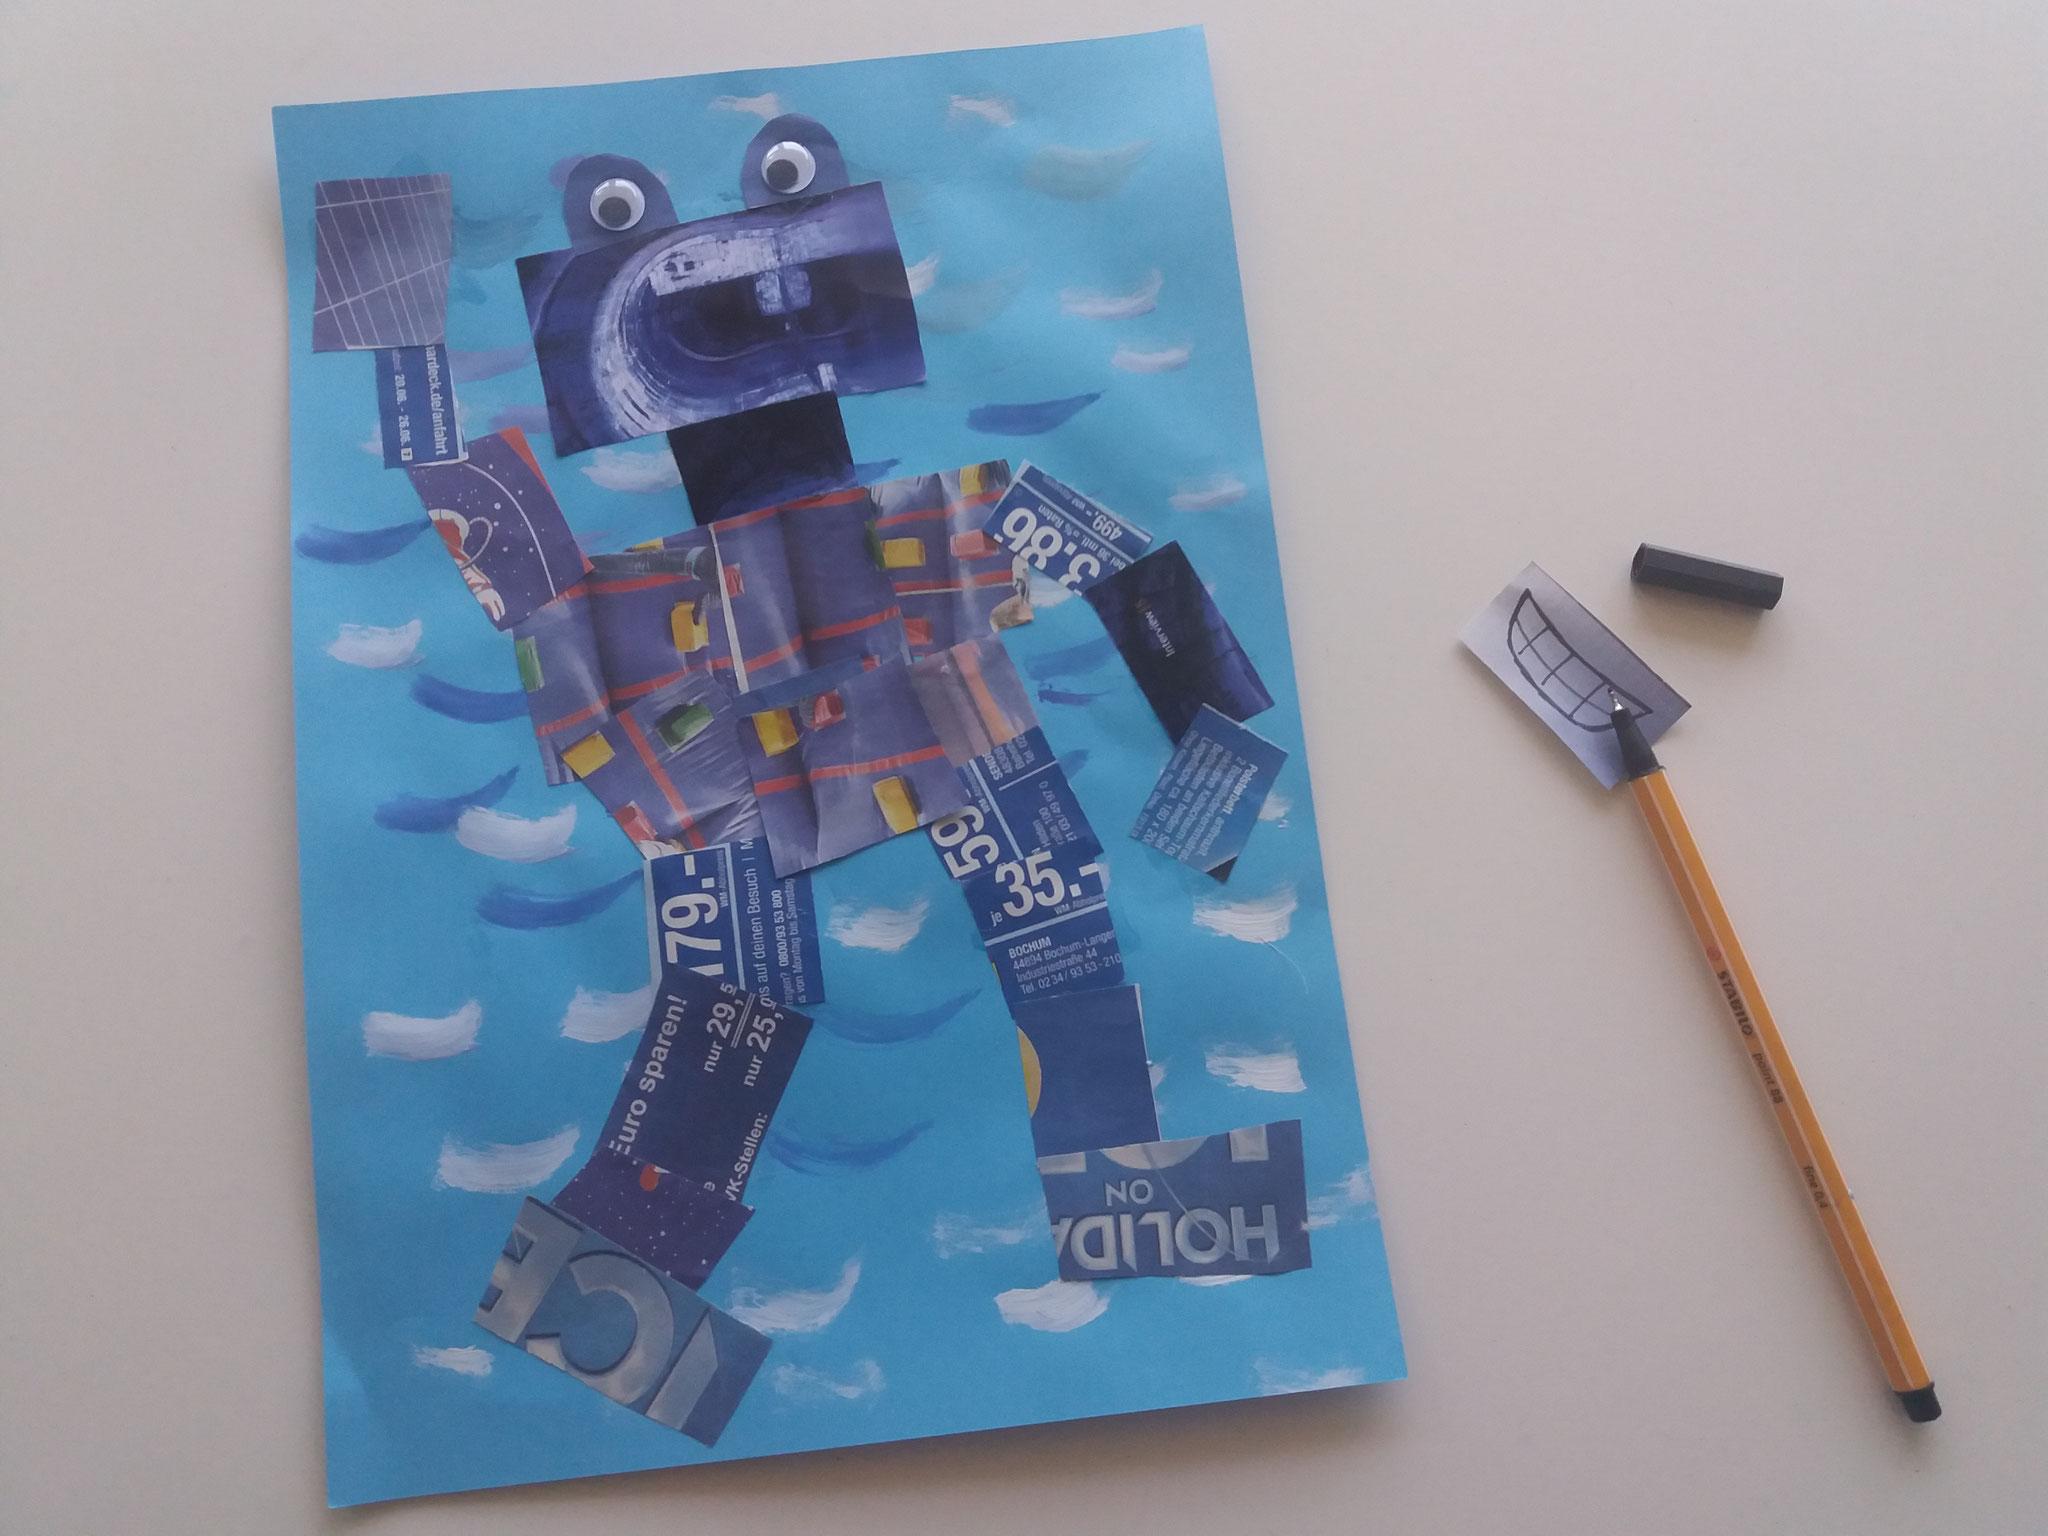 Sobald der Hintergrund getrocknet ist, kann der Roboter aufgeklebt werden. Halbkreise und Wackelaugen für die Augen verwenden und einen Mund aufmalen